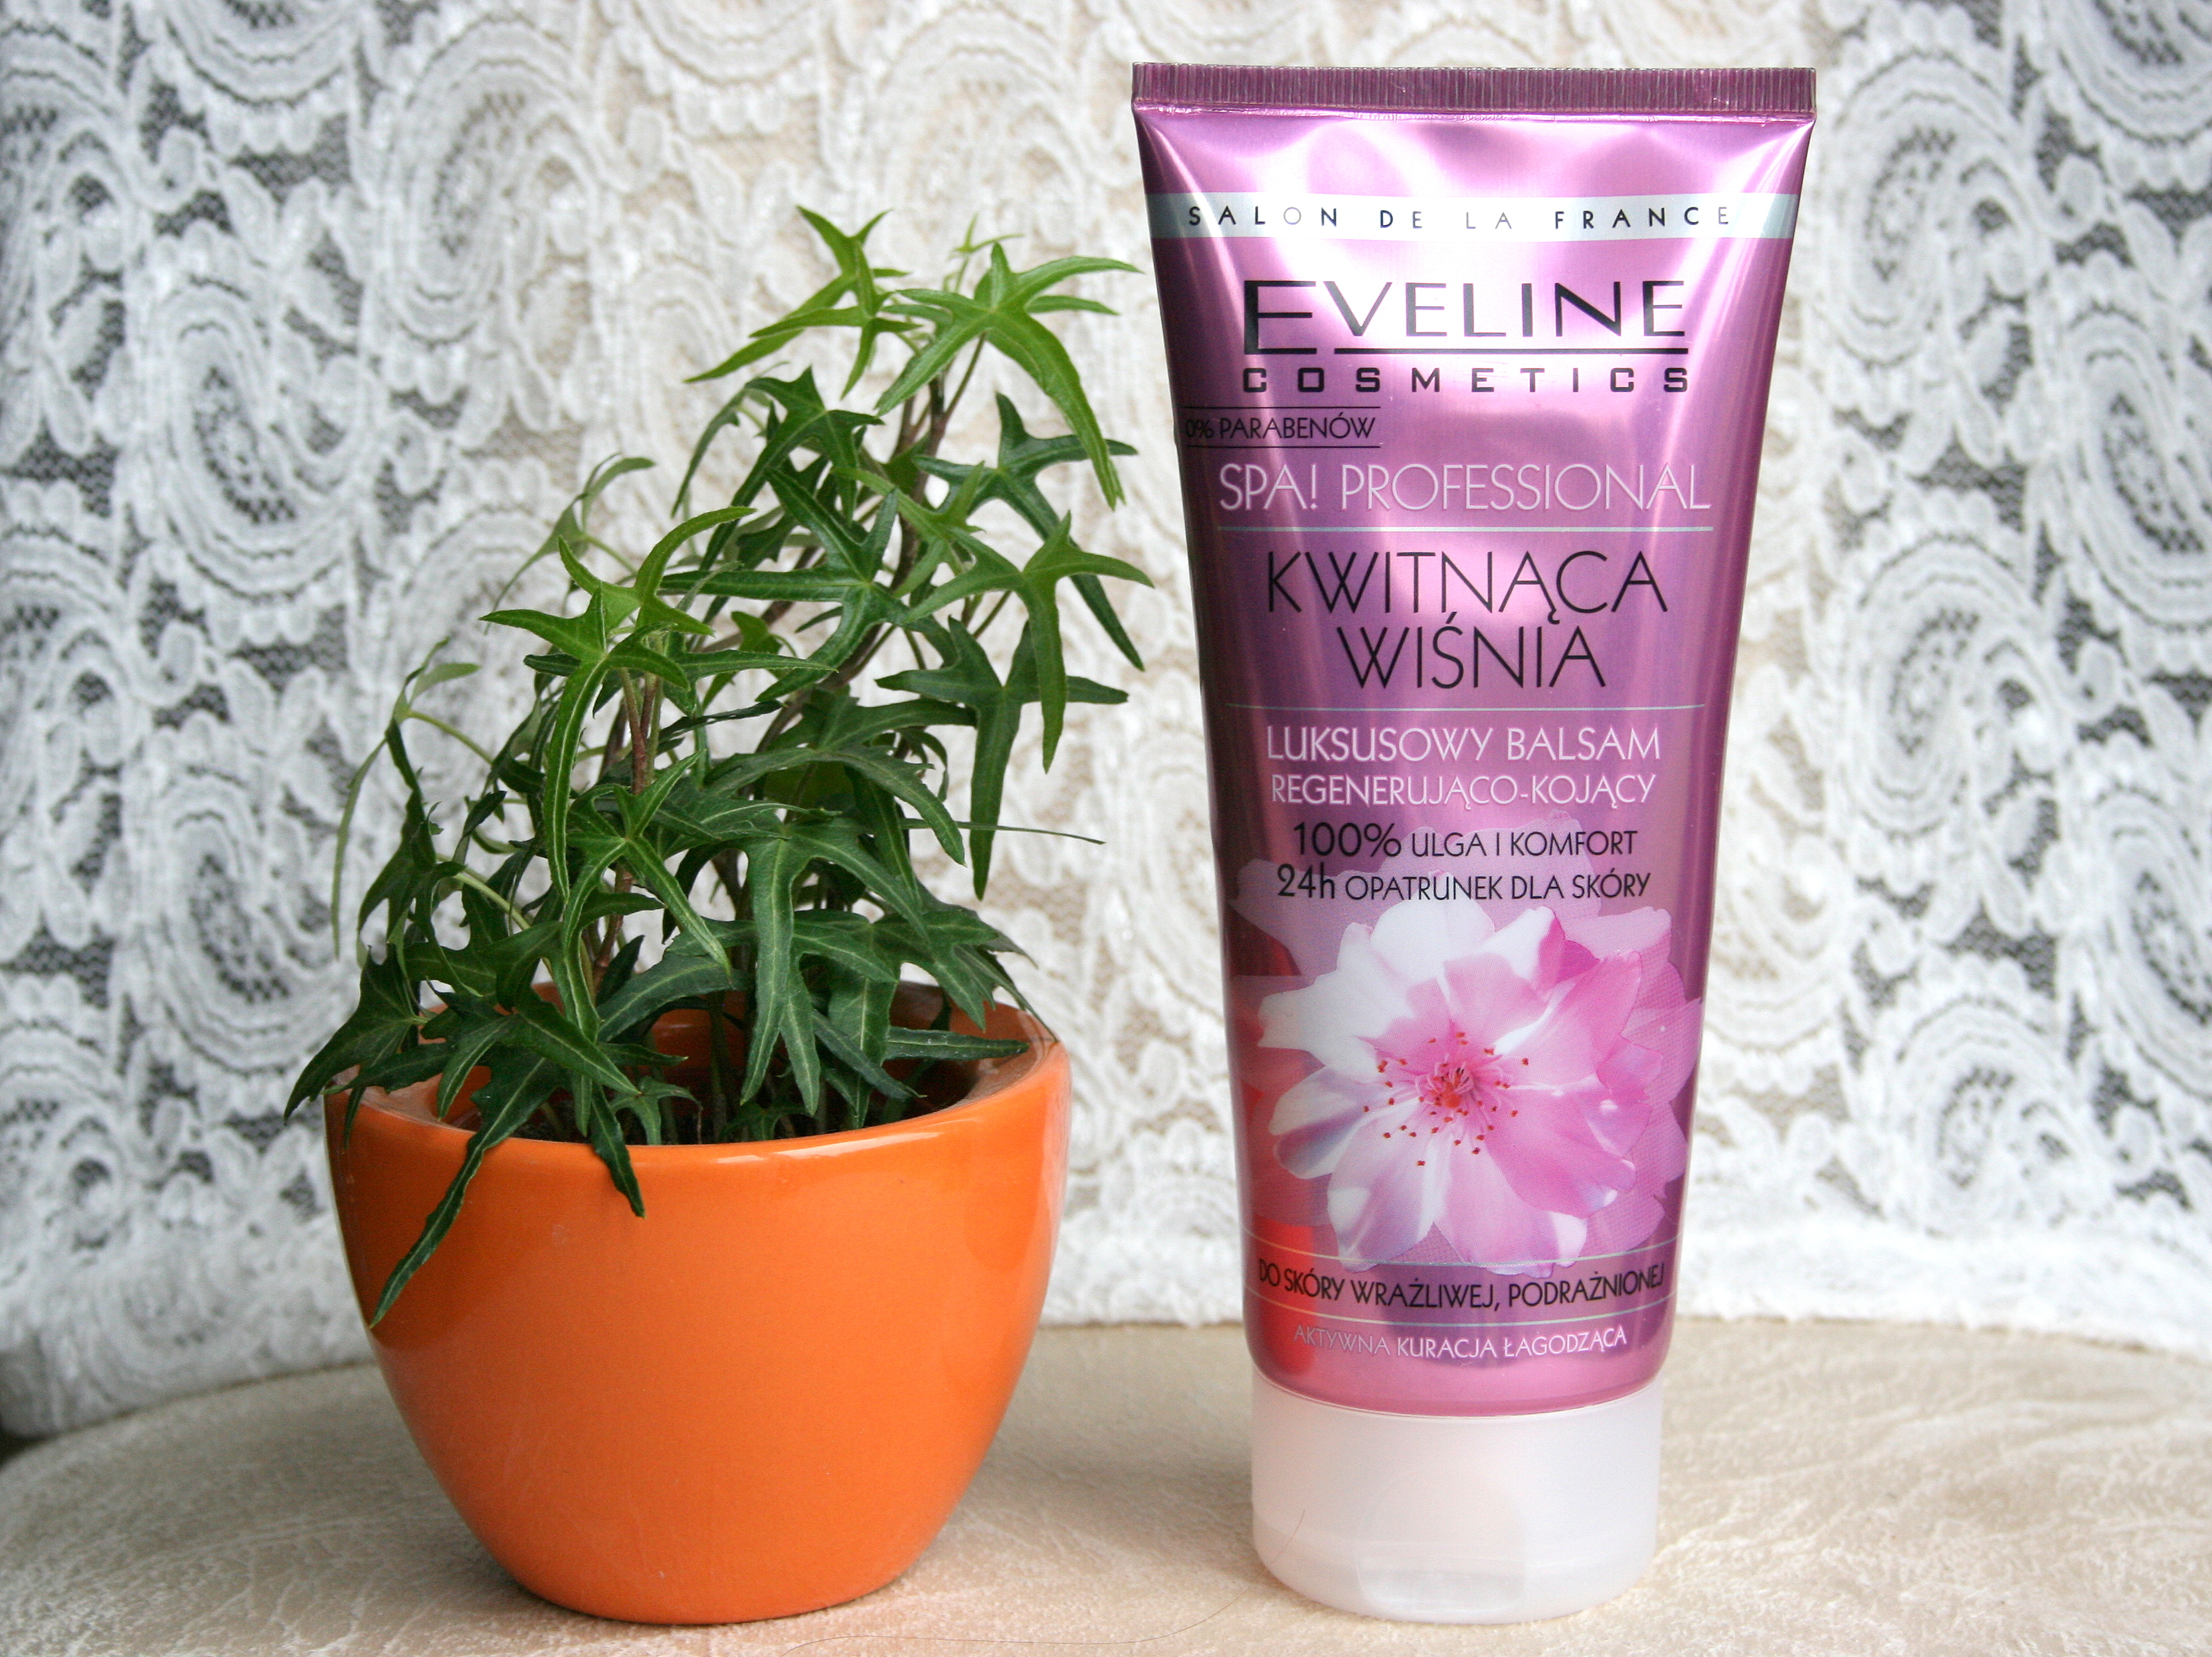 balsam regenerująco kojący kwitnąca wiśnia Eveline